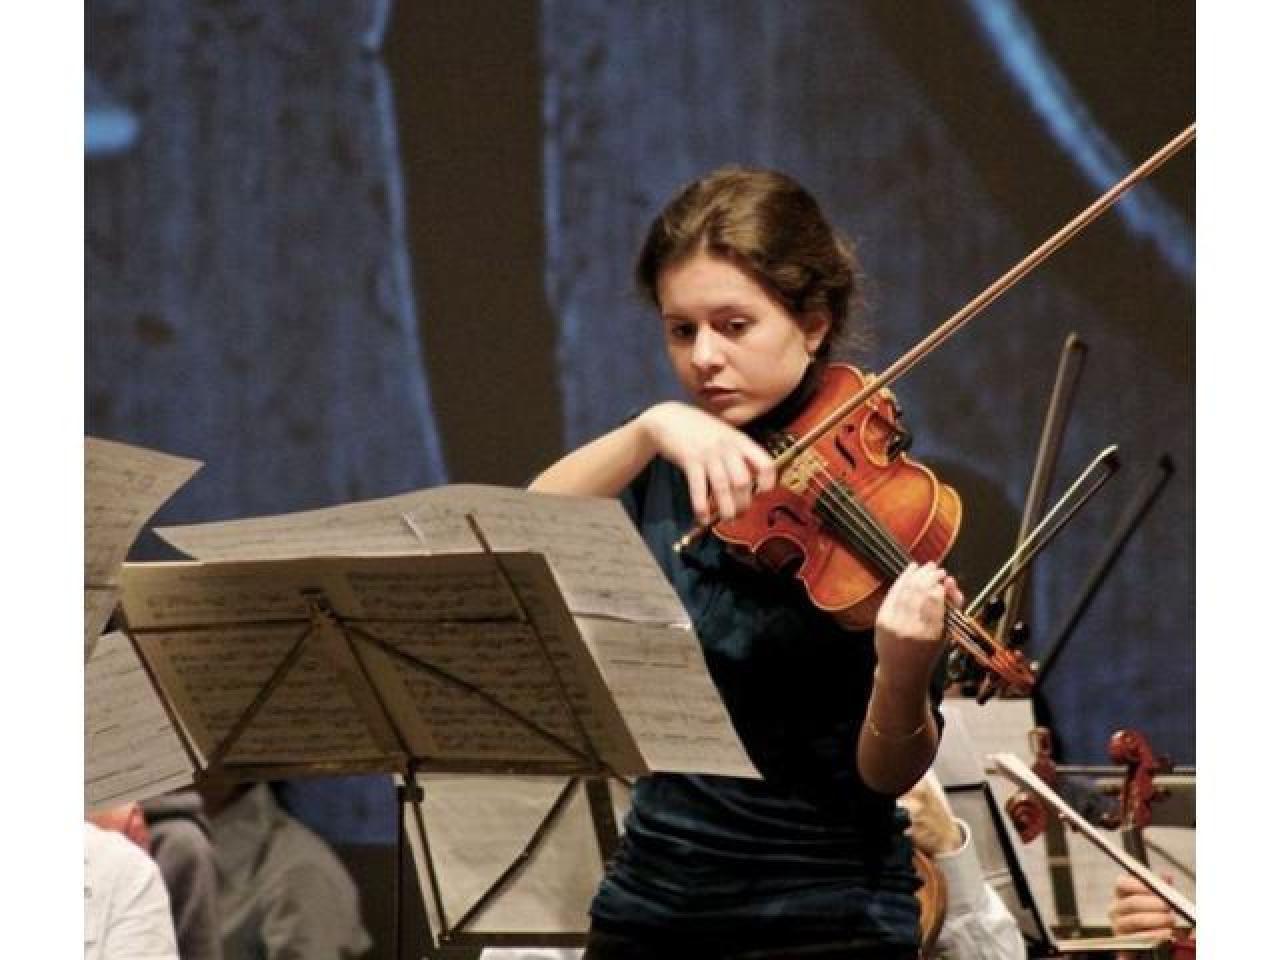 Уроки игры на скрипке от опытного педагога - 1